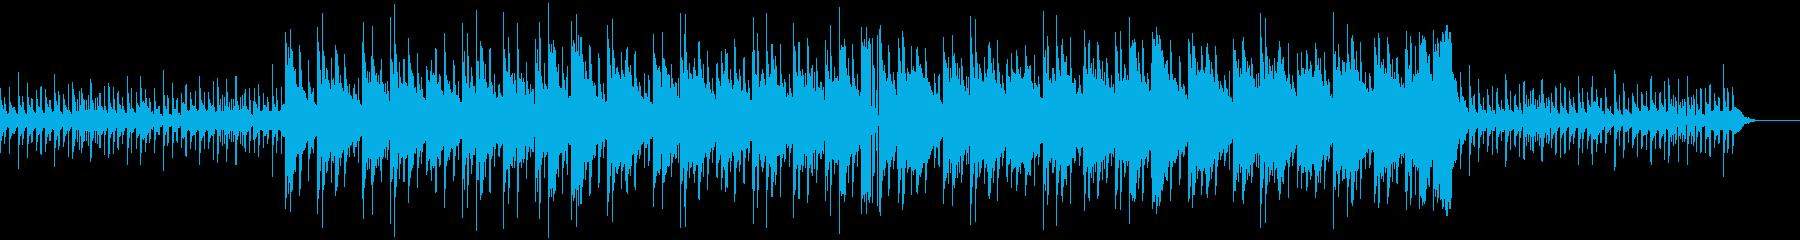 ダークなHIPHOPの再生済みの波形